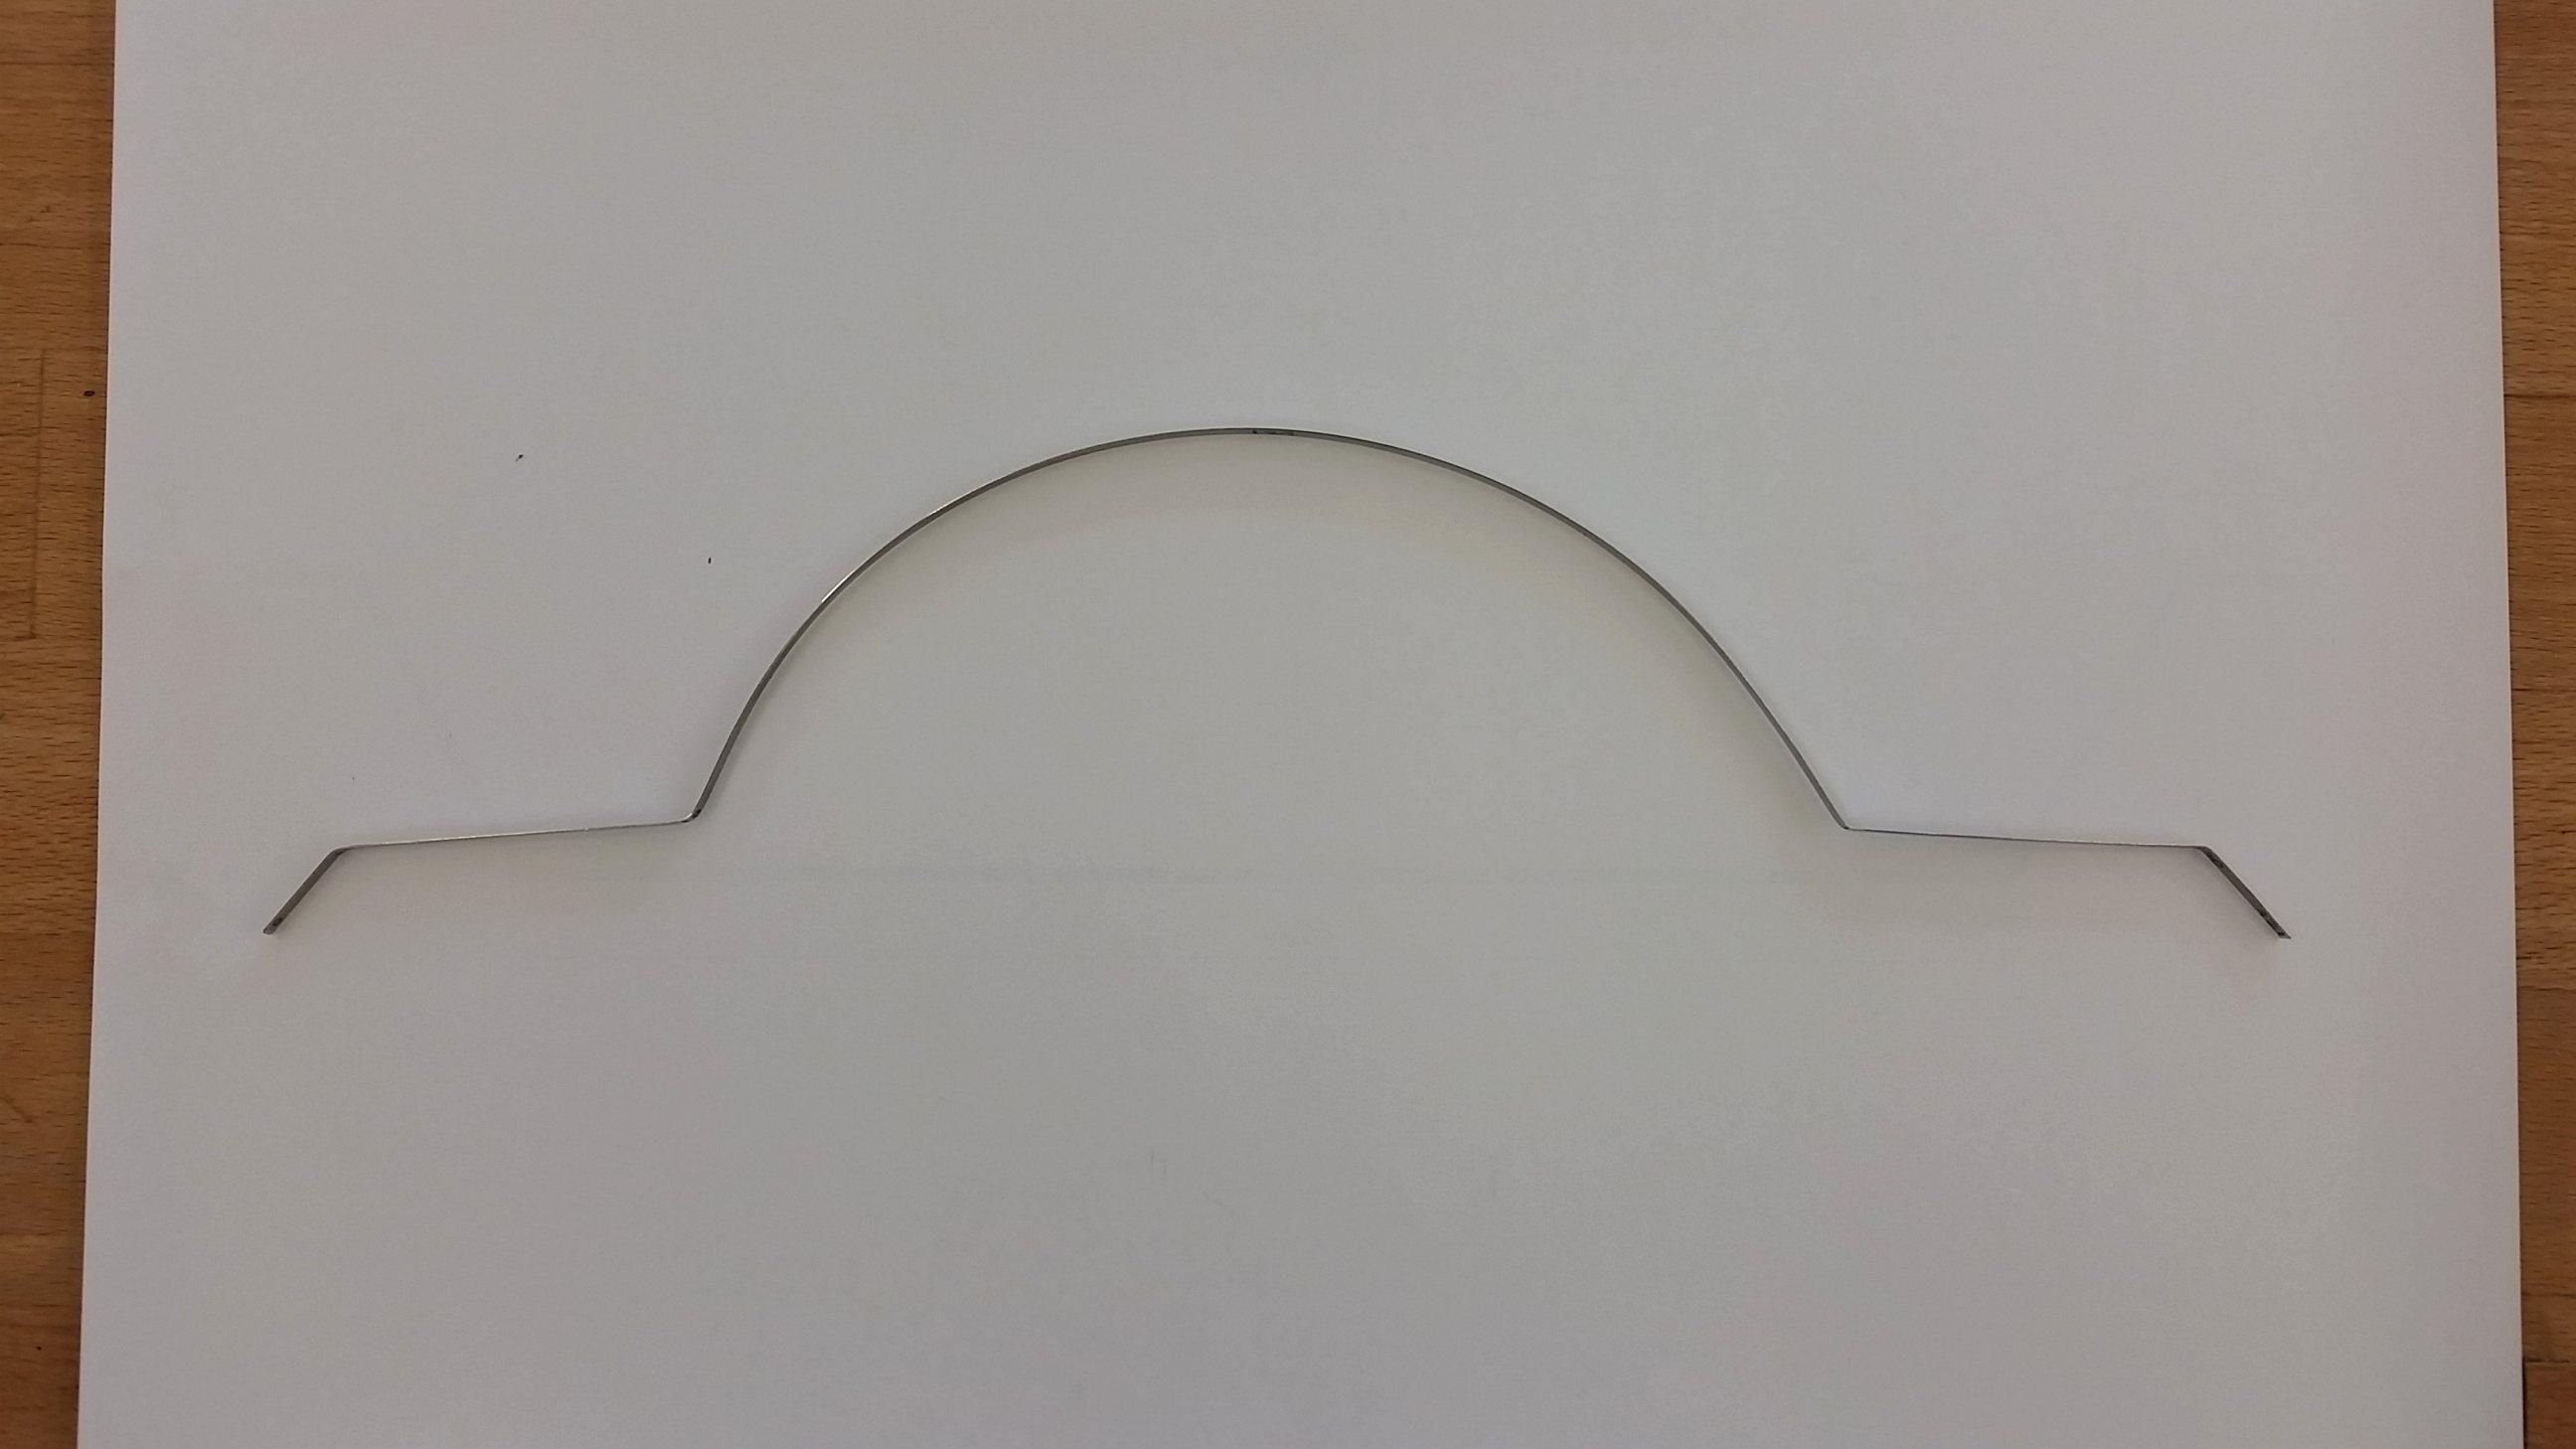 bauanleitung-auto-032